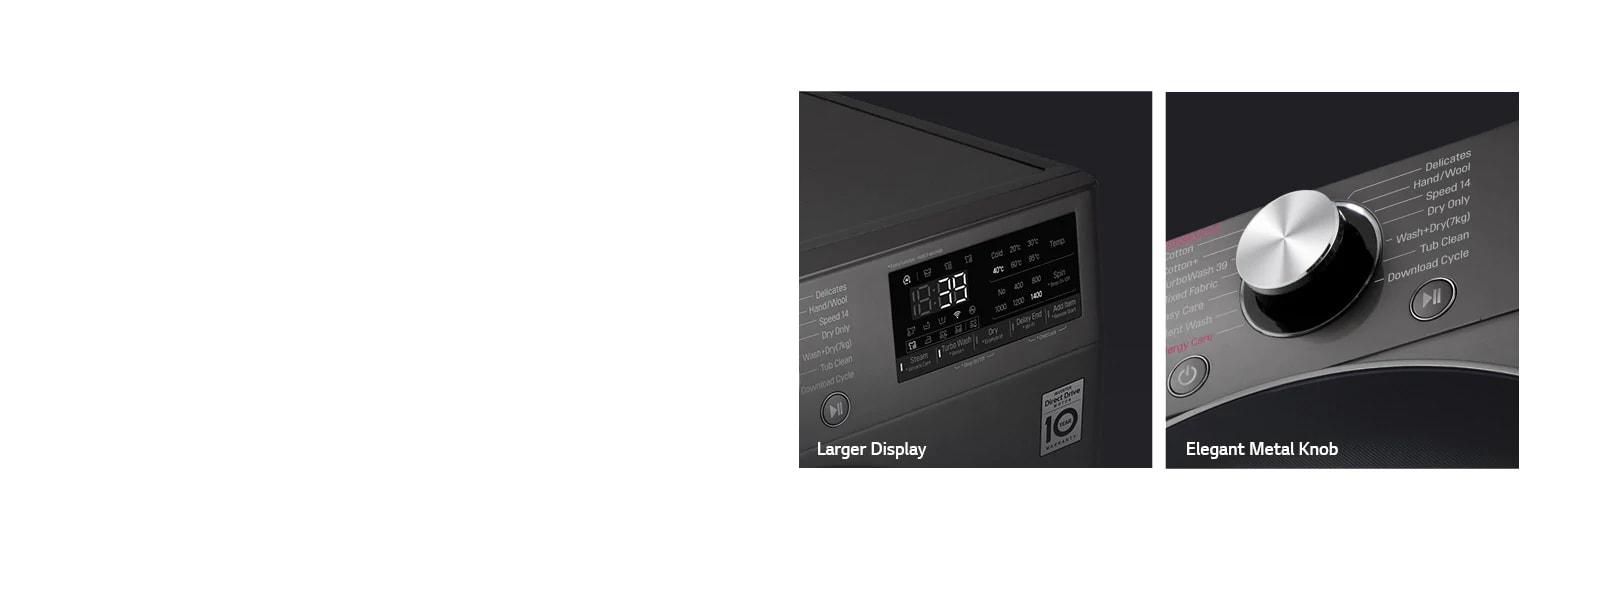 LG FHV1408ZWB Design